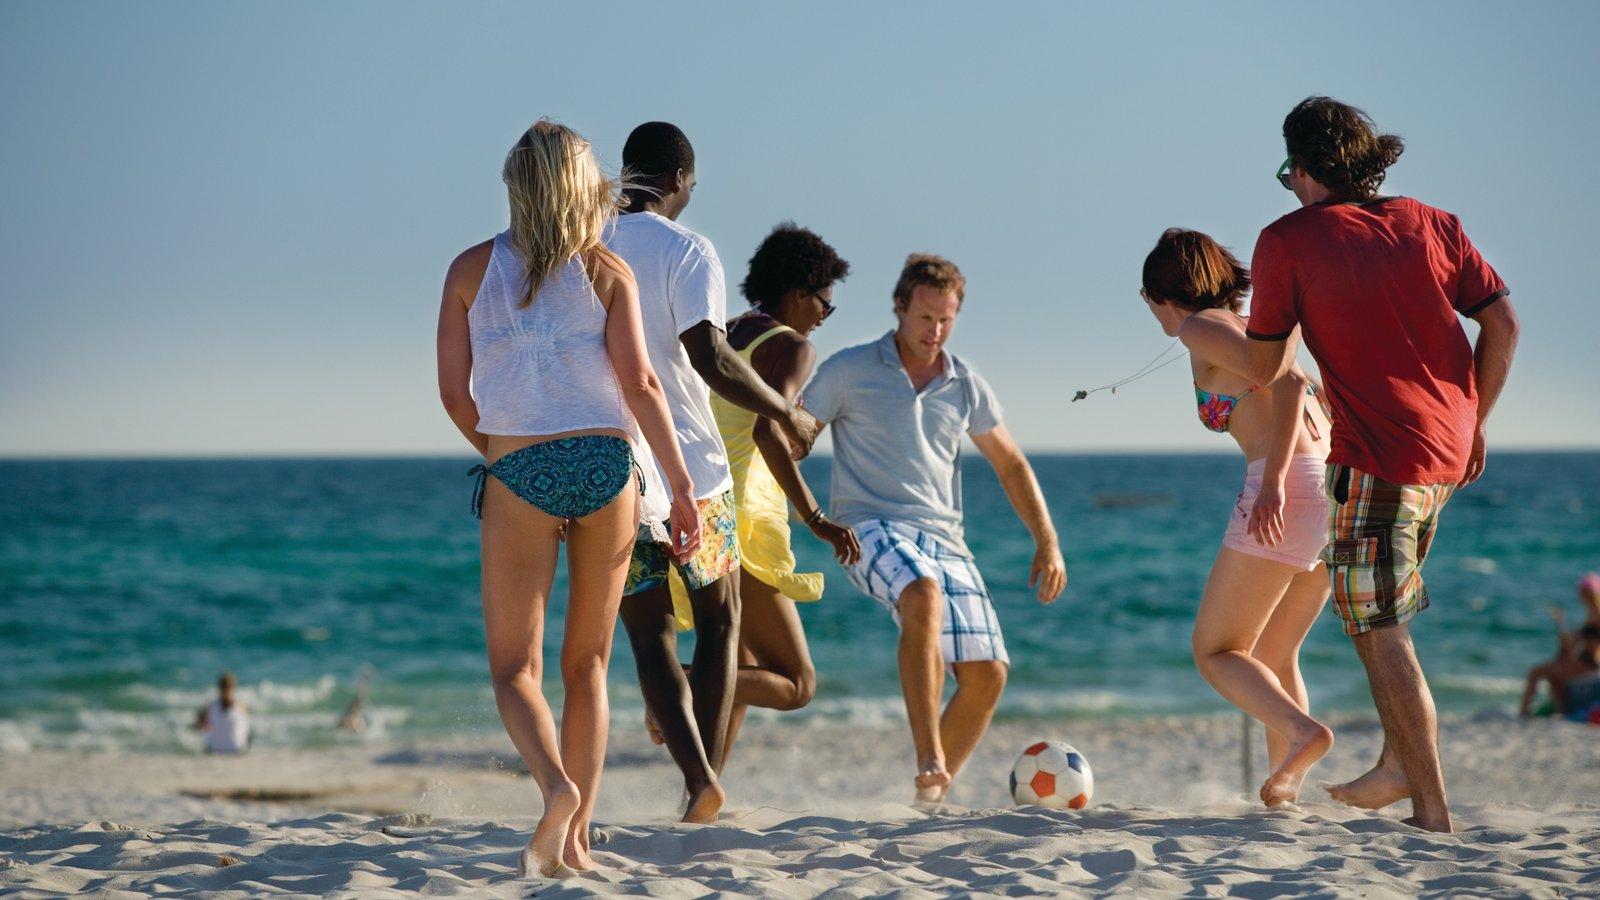 Panama City Beach caracterizando uma praia assim como um pequeno grupo de pessoas